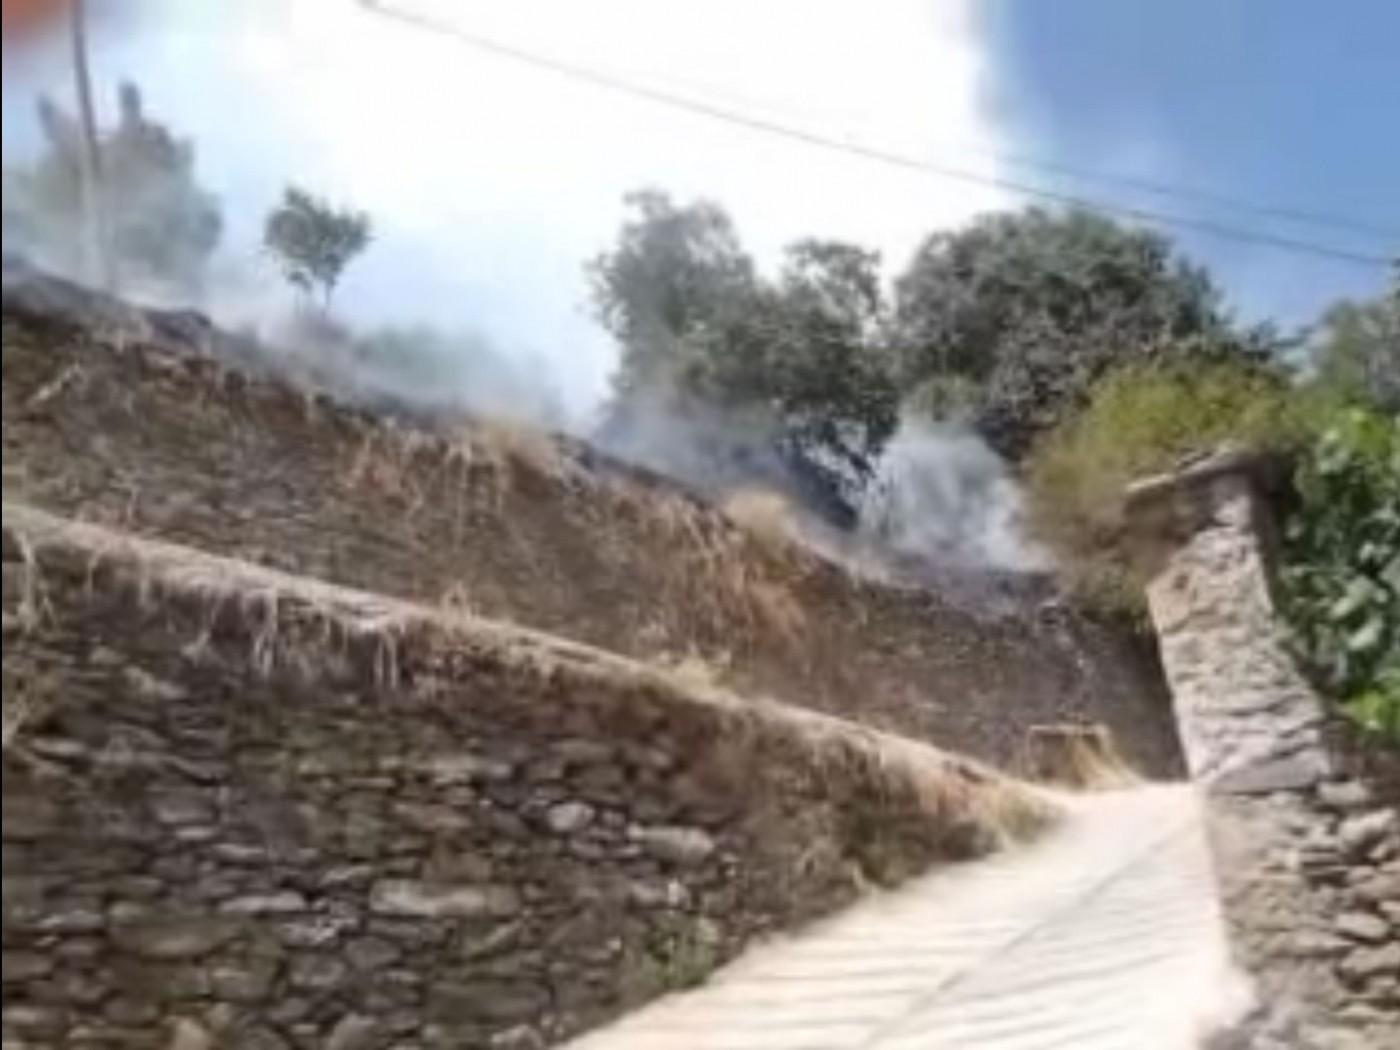 Incendio en Mecina Bombarón el 23 de Agosto de 2011